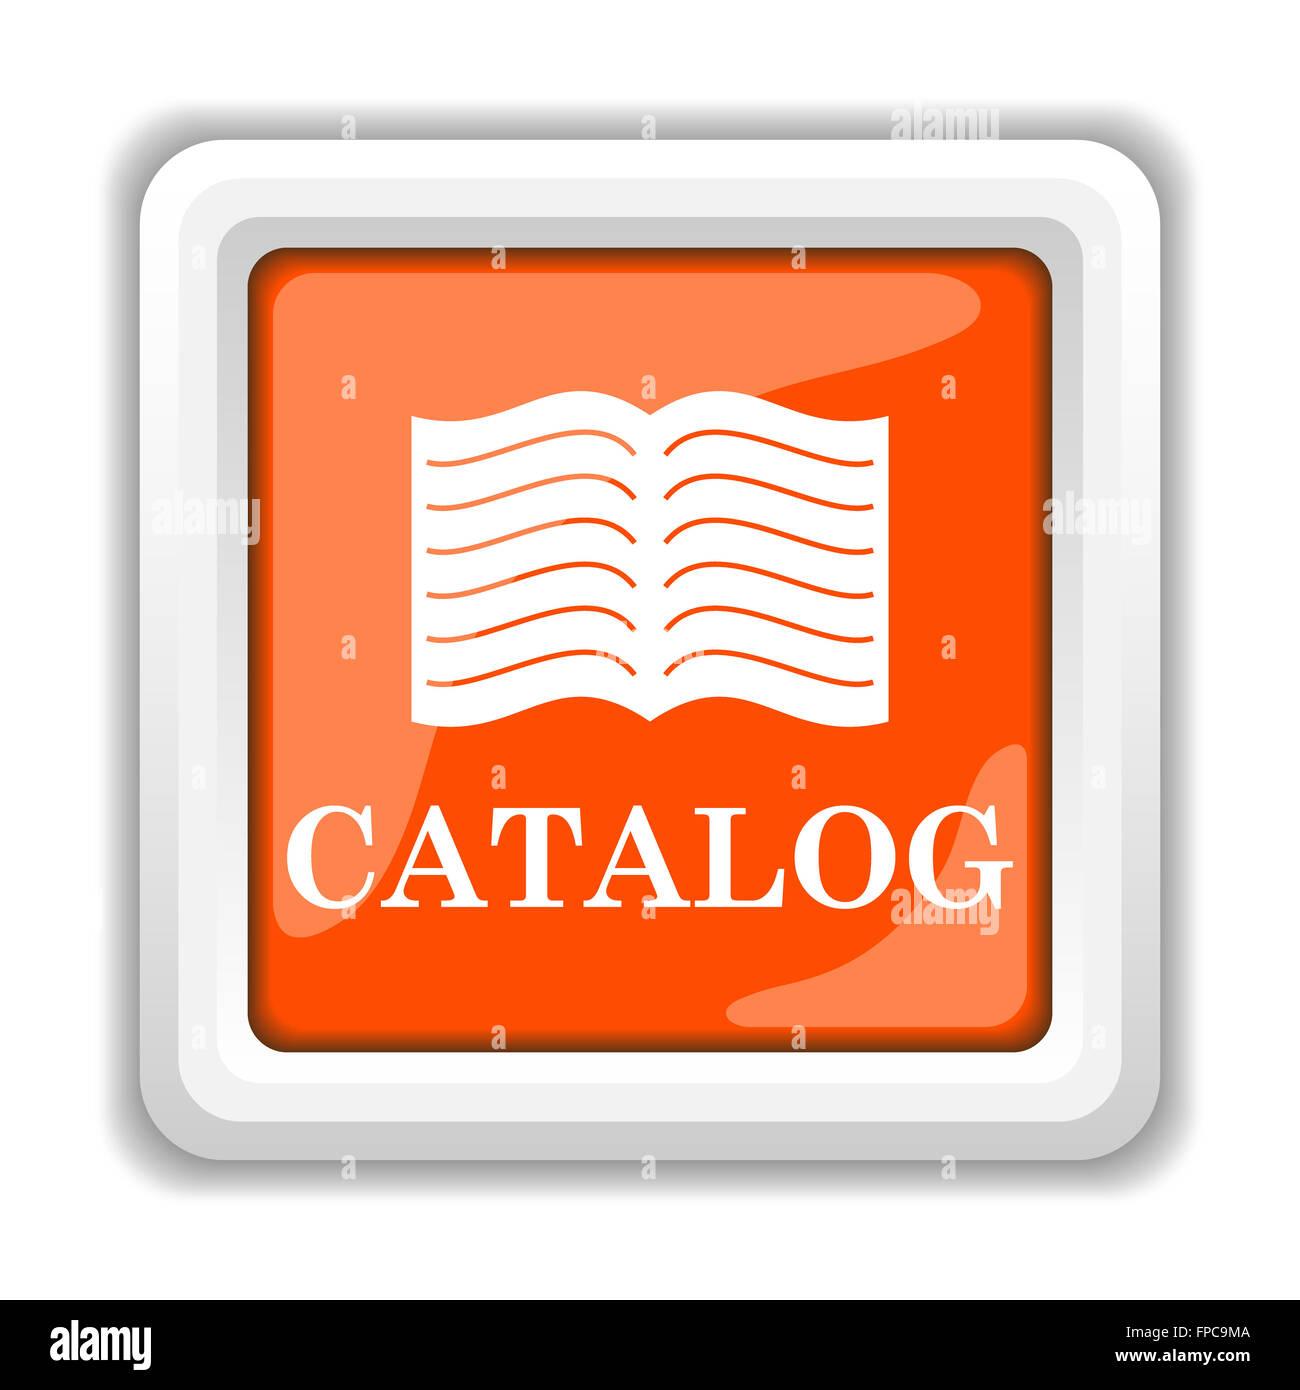 Icona di catalogo Immagini Stock